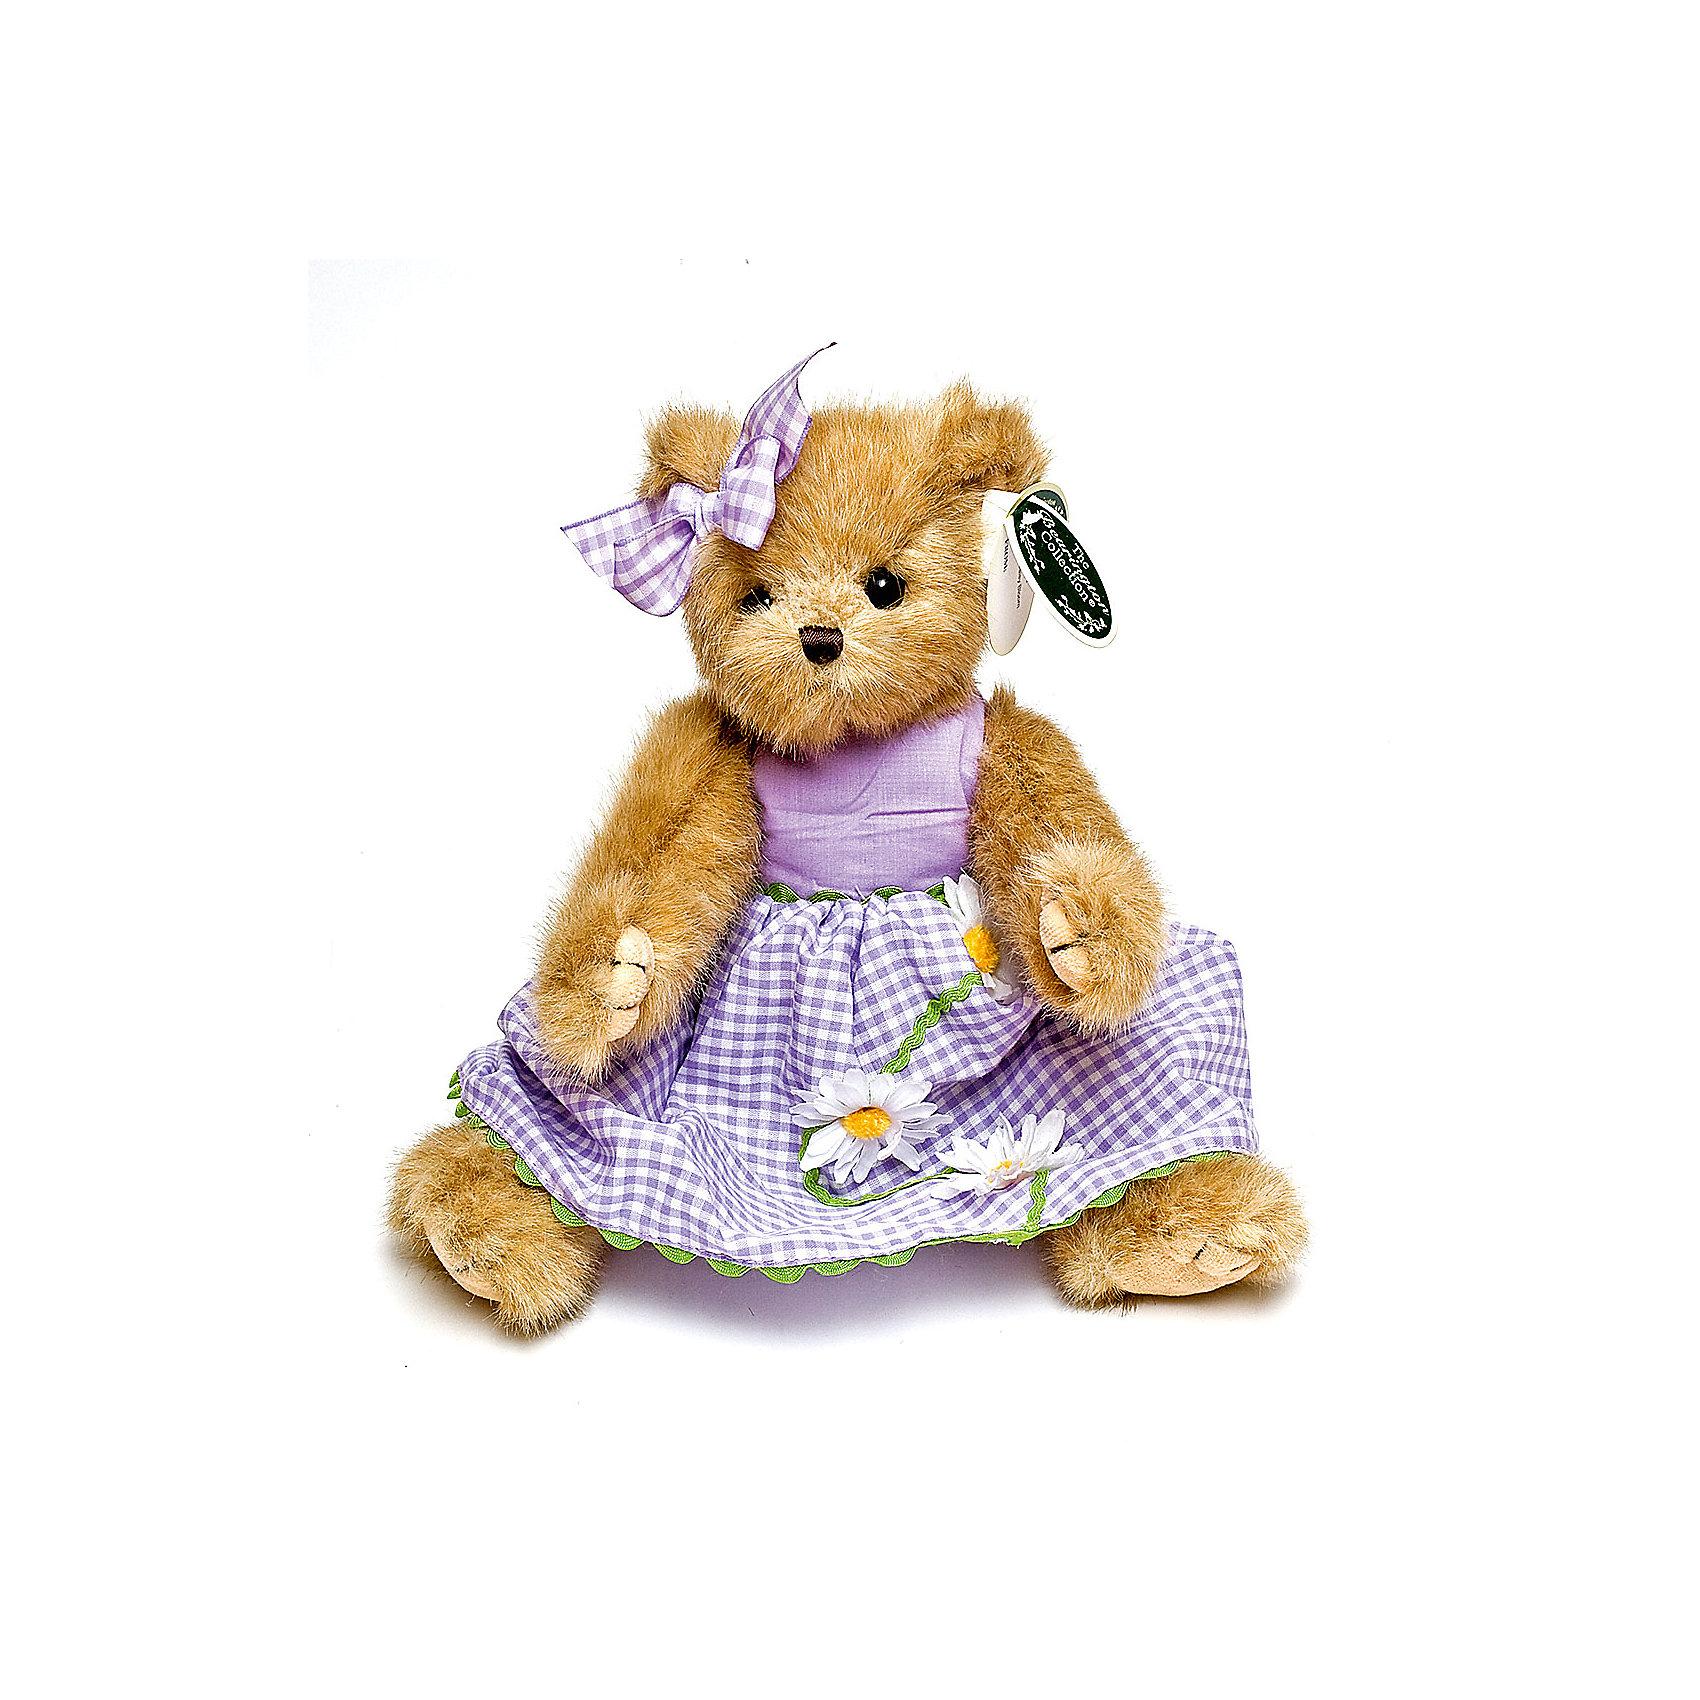 Мишка, 36 см, BearingtonМишка, 36 см, Bearington (Берингтон).<br><br>Характеристики:<br><br>- Высота игрушки: 36 см.<br>- Материал: искусственный мех, текстиль, набивка - полиэфирное волокно<br><br>Симпатичный мишка Тедди в сиреневом платье и с бантиком на ушке от американской компании Bearington (Берингтон) покорит Вас обаянием и красотой. Игрушка непременно вызовет положительные эмоции и подарит Вам свою любовь и тепло. У мишки очаровательная мордочка, забавный носик и черные как угольки глазки. Игрушка изготовлена из нежного высококачественного искусственного меха по классическим традициям производства мишек Тедди. Лапки игрушки крепятся таким образом, что их можно вращать по отношению к туловищу на 360 градусов, и придавать мишке разнообразные позы. Голова вращается. Чудесное платье сшито из высококачественных экологически чистых материалов. Крой и отделка наряда созданы с любовью, что придает игрушке особый шарм. Платье можно снимать и одевать. Играть с мишкой Тедди от Беарингтон также интересно, как и с куклами. Благодаря чудесному образу и высококачественному исполнению мишка станет лучшим подарком для девочек и девушек с утонченным изысканным вкусом и для коллекционеров мишек Тедди.<br><br>Мишку, 36 см, Bearington (Берингтон) можно купить в нашем интернет-магазине.<br><br>Ширина мм: 100<br>Глубина мм: 80<br>Высота мм: 360<br>Вес г: 270<br>Возраст от месяцев: 36<br>Возраст до месяцев: 2147483647<br>Пол: Женский<br>Возраст: Детский<br>SKU: 5119965